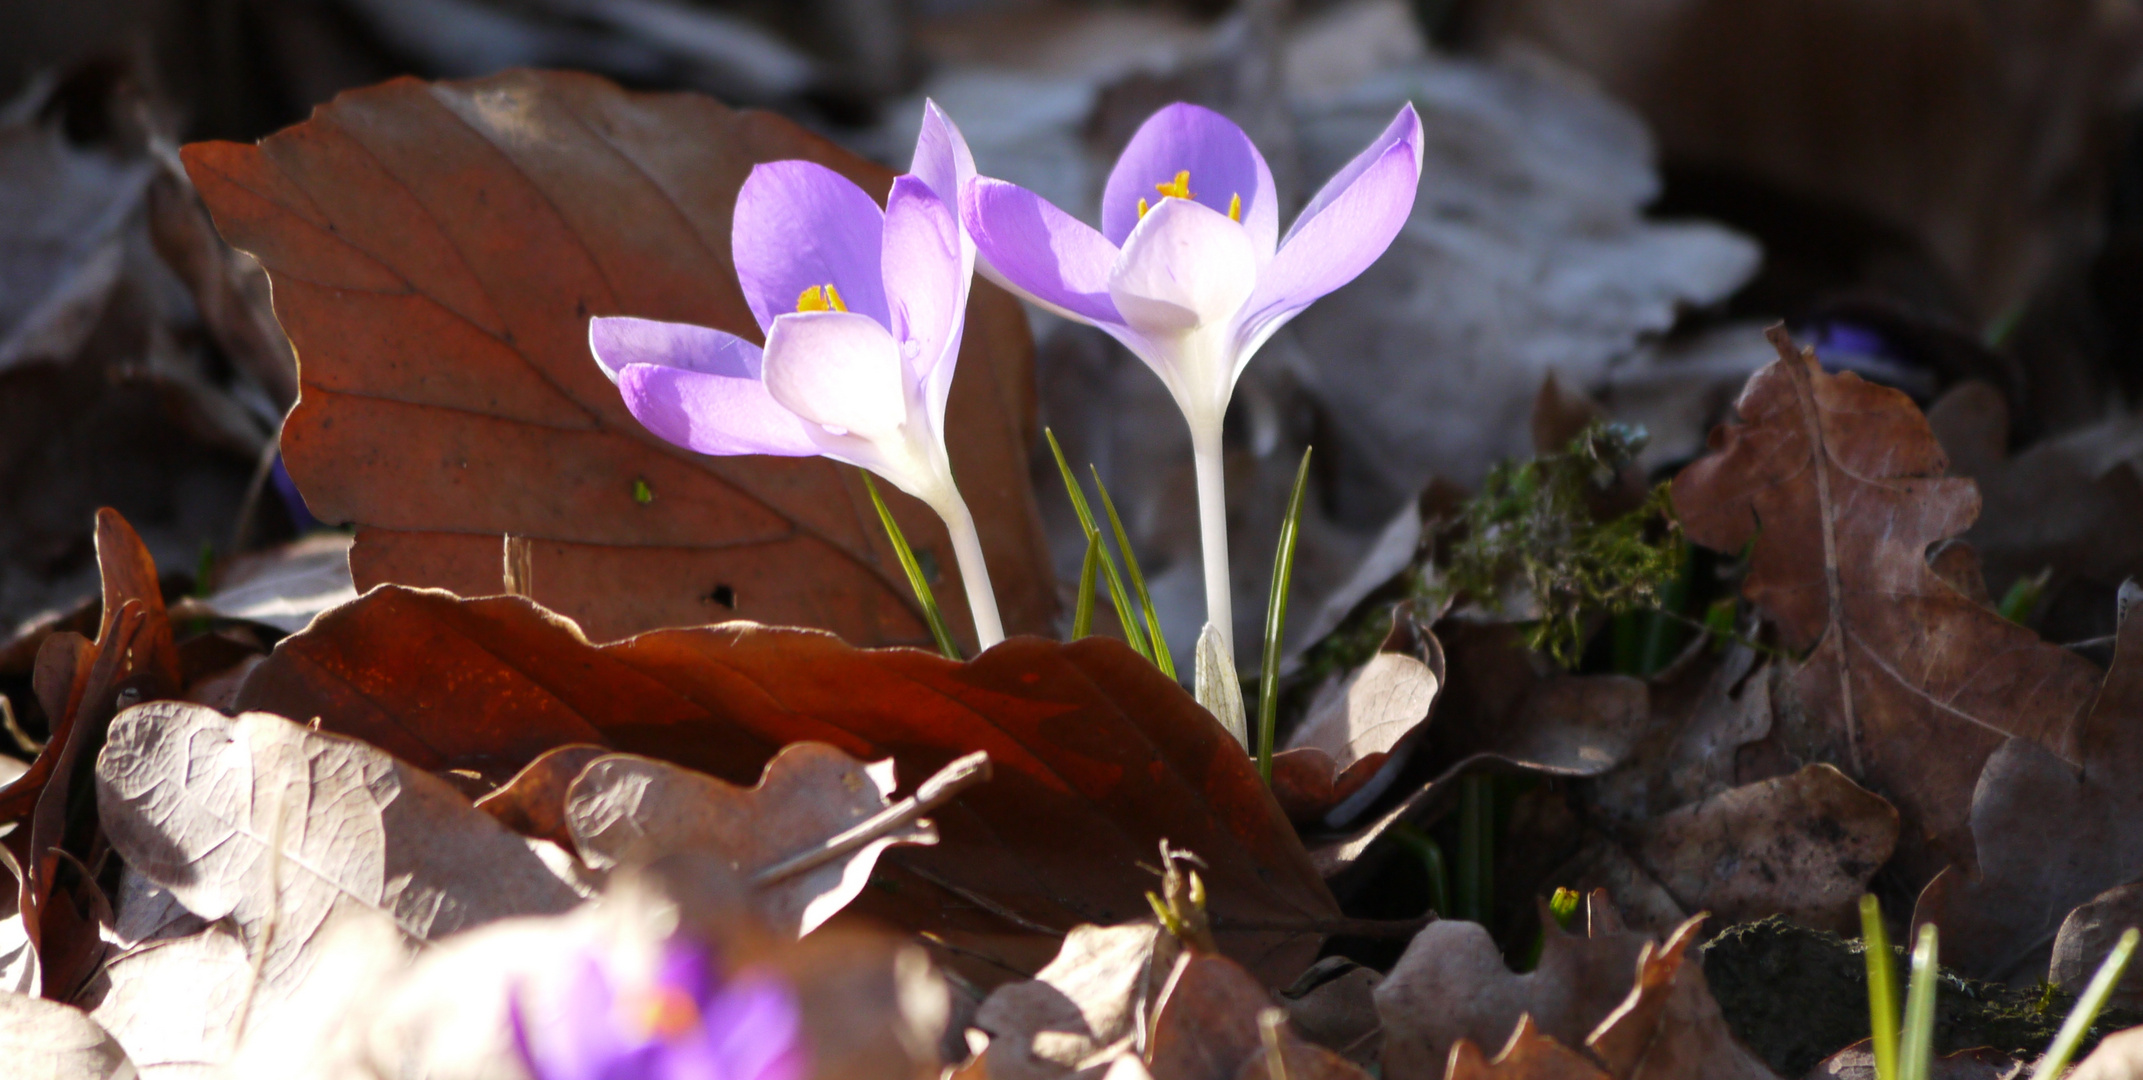 Krokus+Krokus = Frühling